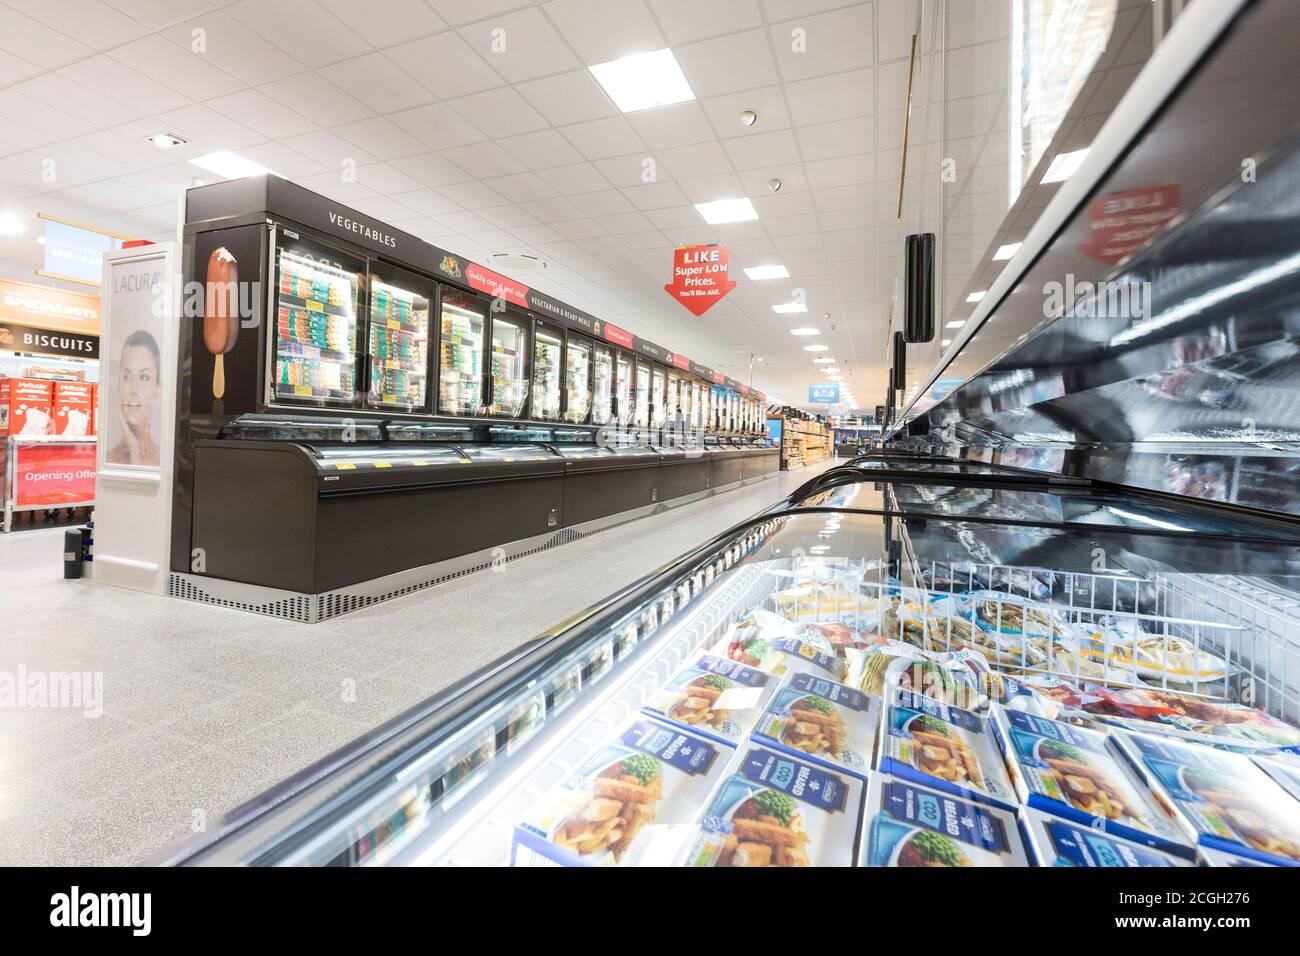 Aldi supermercado interiord Foto de stock